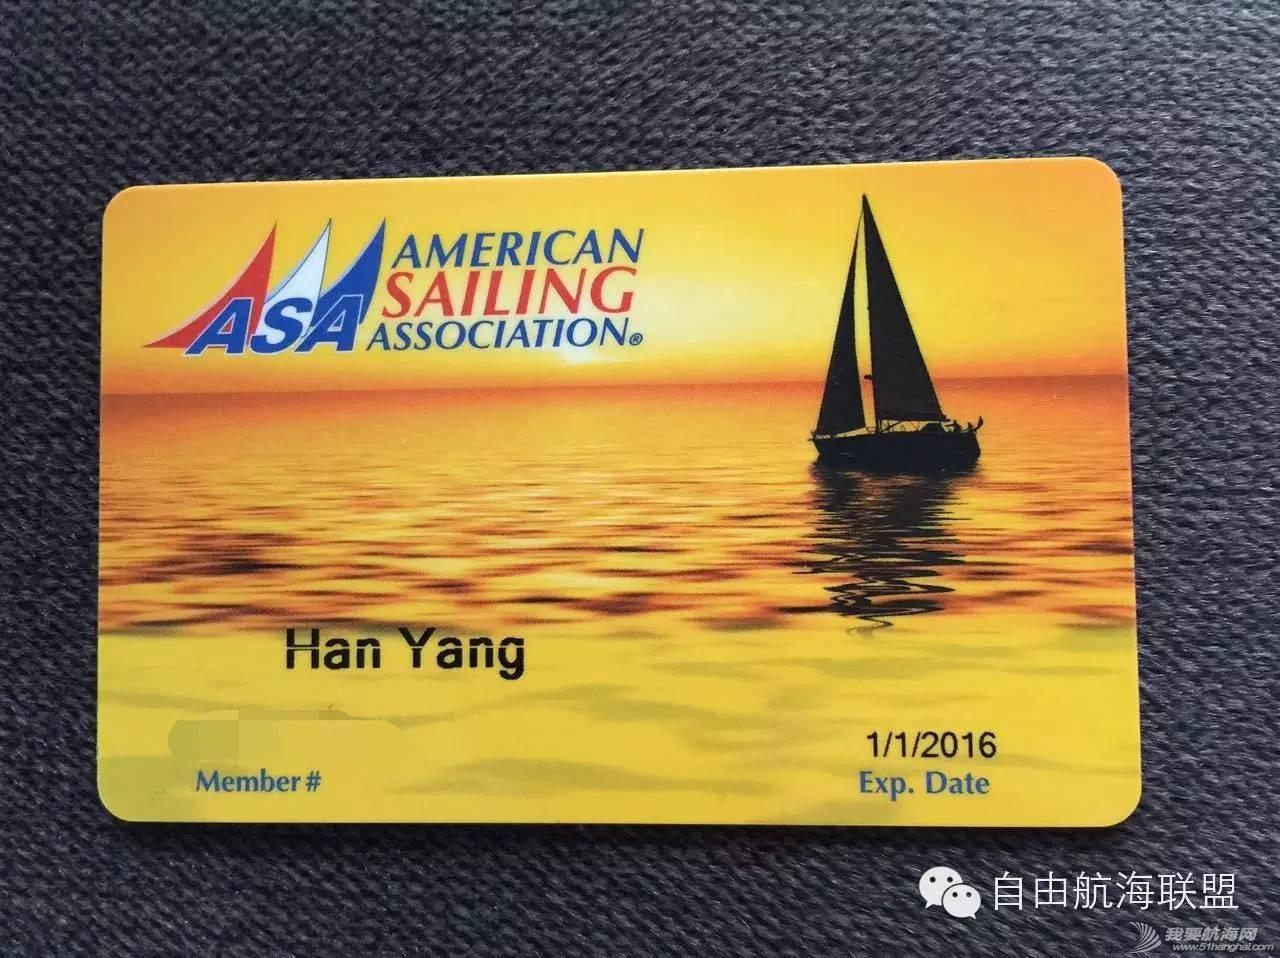 帆船,国际,海岛,驾照 绝美海岛帆旅and考取国际帆船驾照 8b7af2bcd732dcc48e8c3e7c3ac86063.jpg